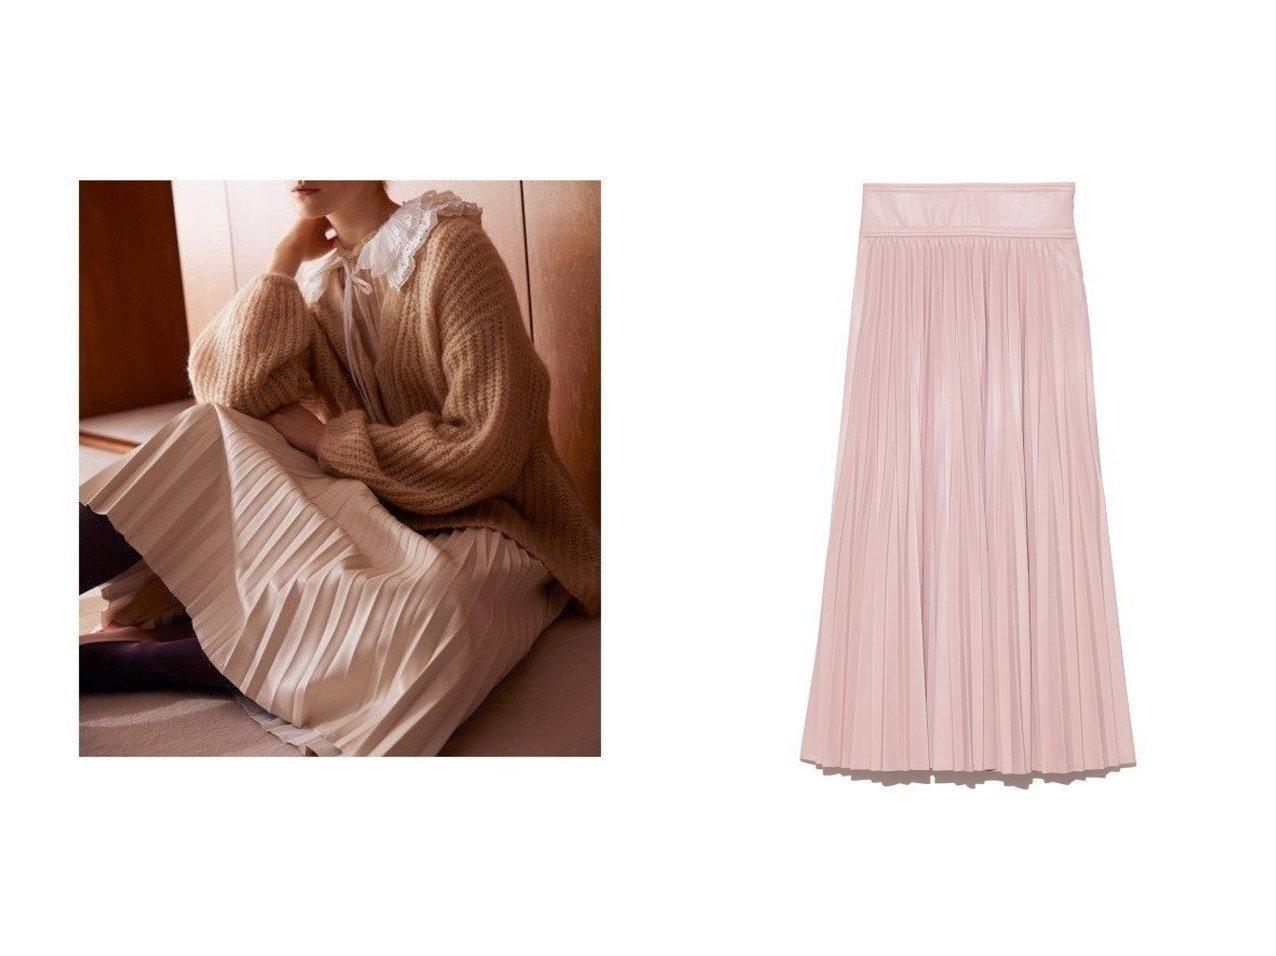 【CELFORD/セルフォード】のフェイクレザープリーツスカート 【スカート】おすすめ!人気、トレンド・レディースファッションの通販 おすすめで人気の流行・トレンド、ファッションの通販商品 インテリア・家具・メンズファッション・キッズファッション・レディースファッション・服の通販 founy(ファニー) https://founy.com/ ファッション Fashion レディースファッション WOMEN スカート Skirt プリーツスカート Pleated Skirts クラシック コルセット スマート トレンド フェイクレザー プリーツ  ID:crp329100000068572